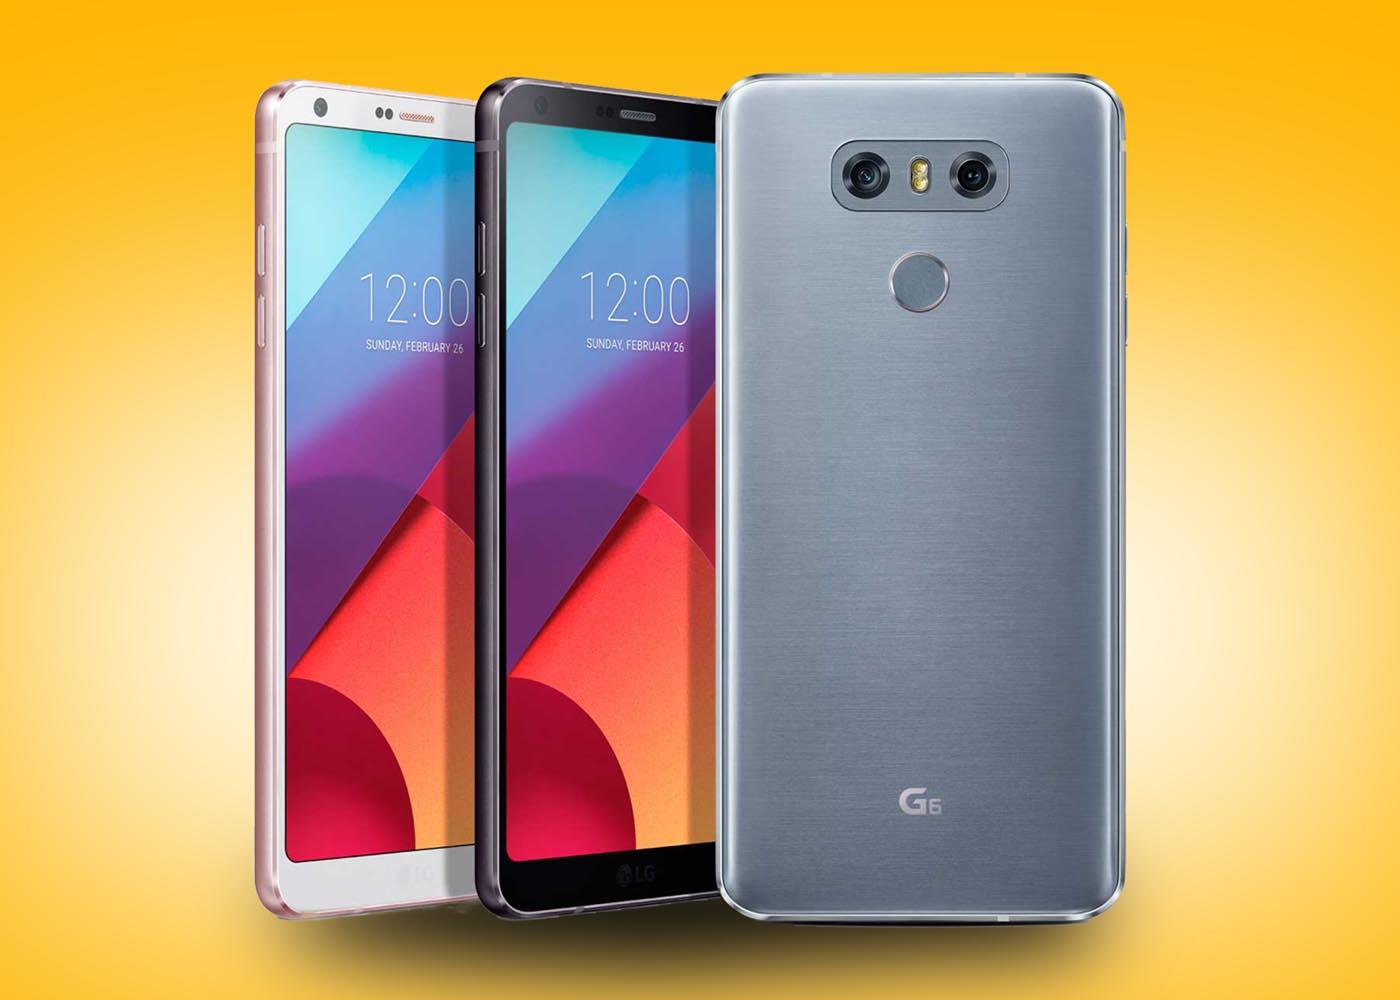 El LG G6 puede encontrarse ya a un precio de sólo 440 euros